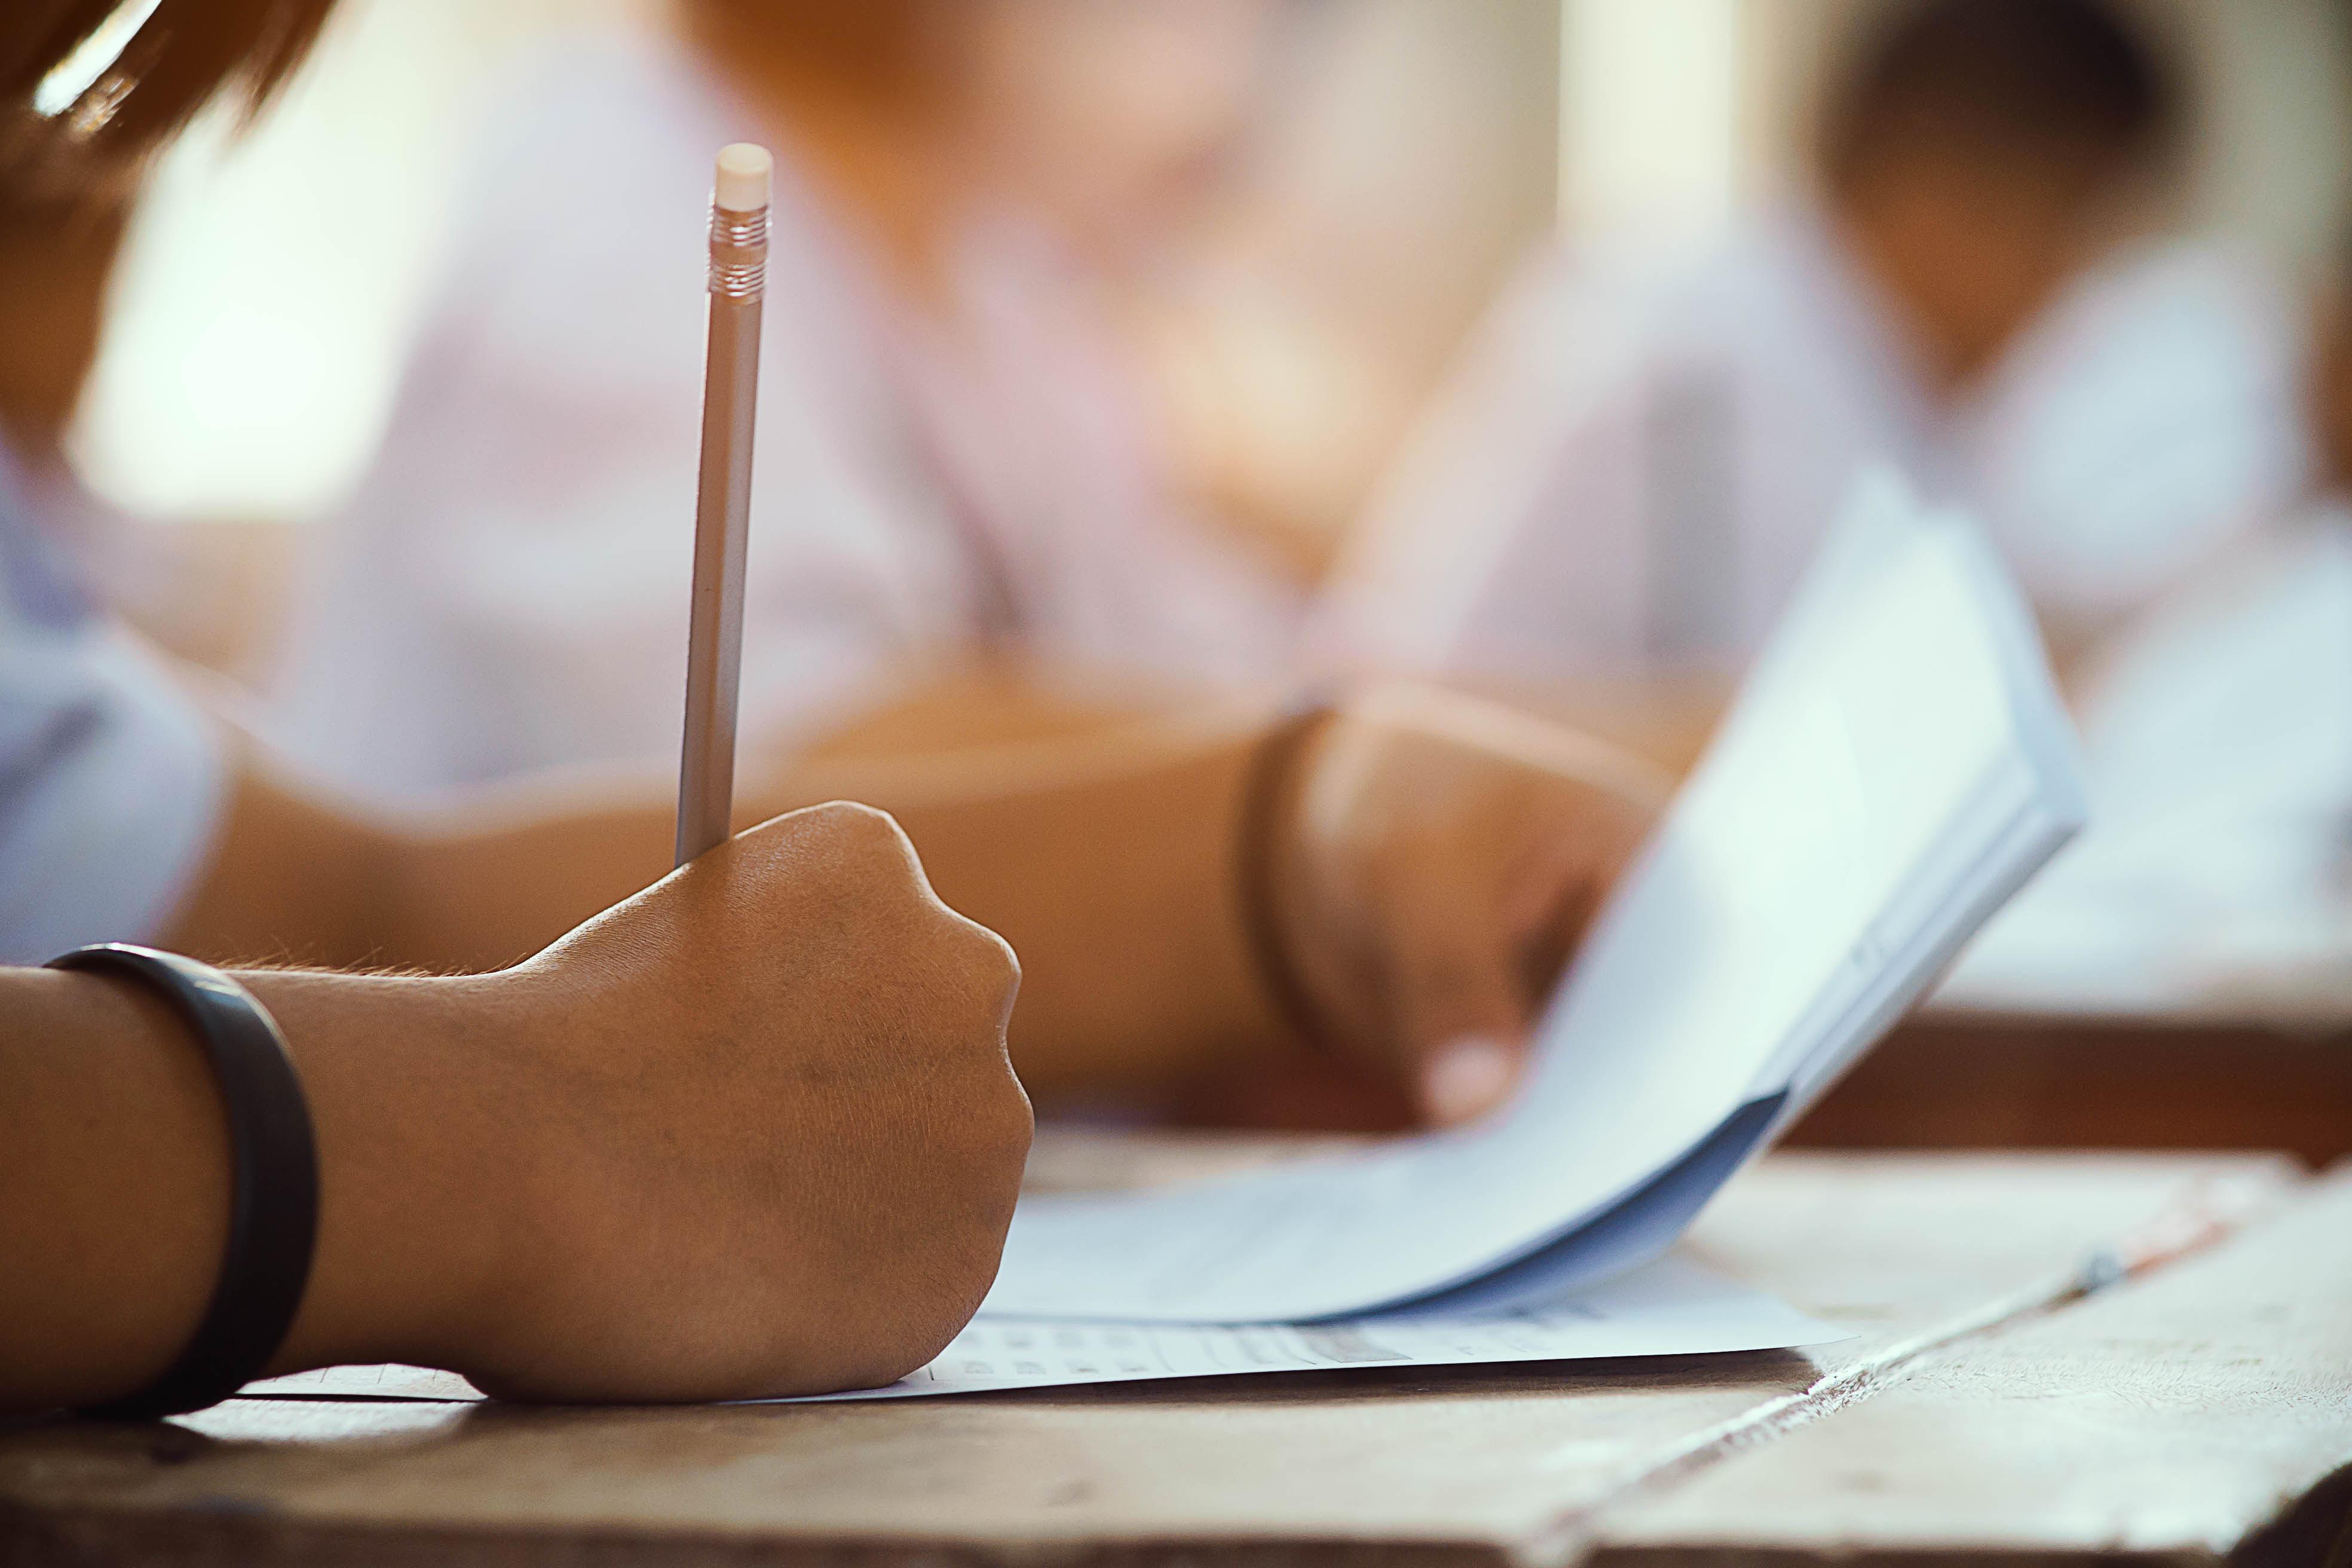 איך להירגע לפני מבחן?